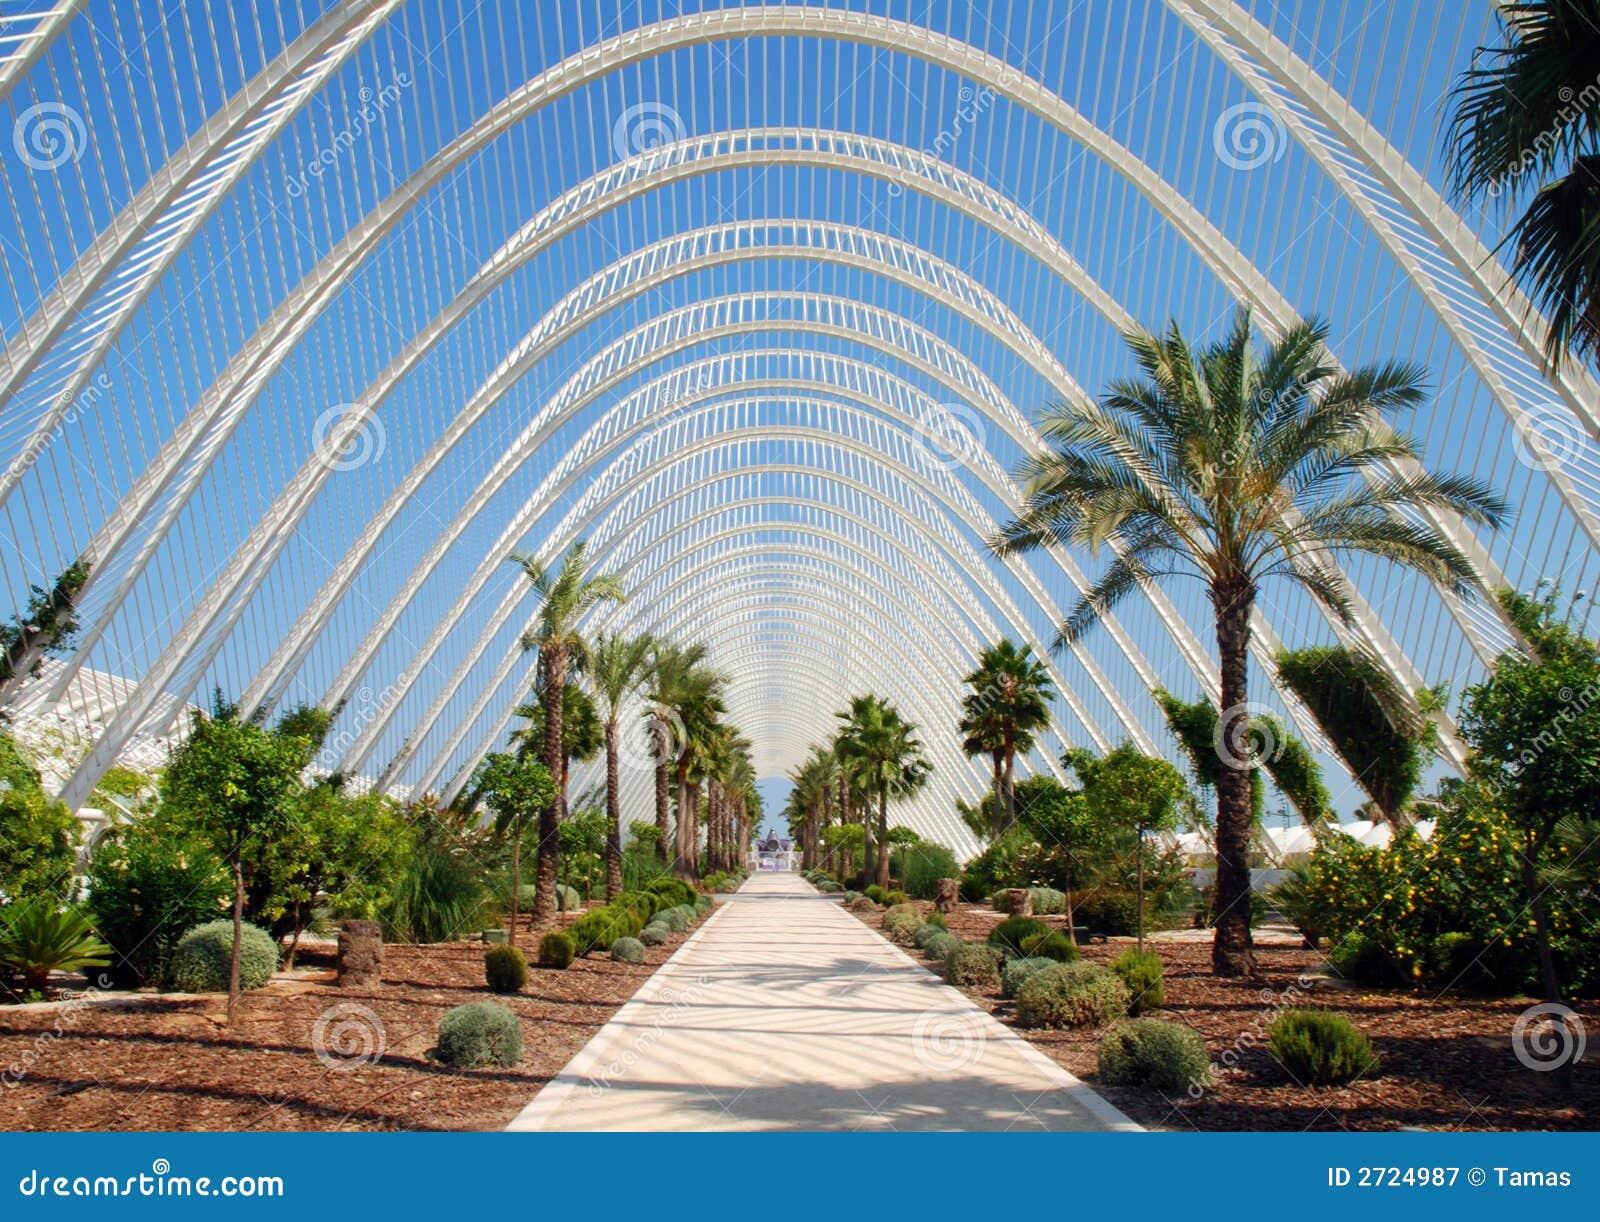 fotos de jardim tropical : fotos de jardim tropical:Beautiful Tropical Garden